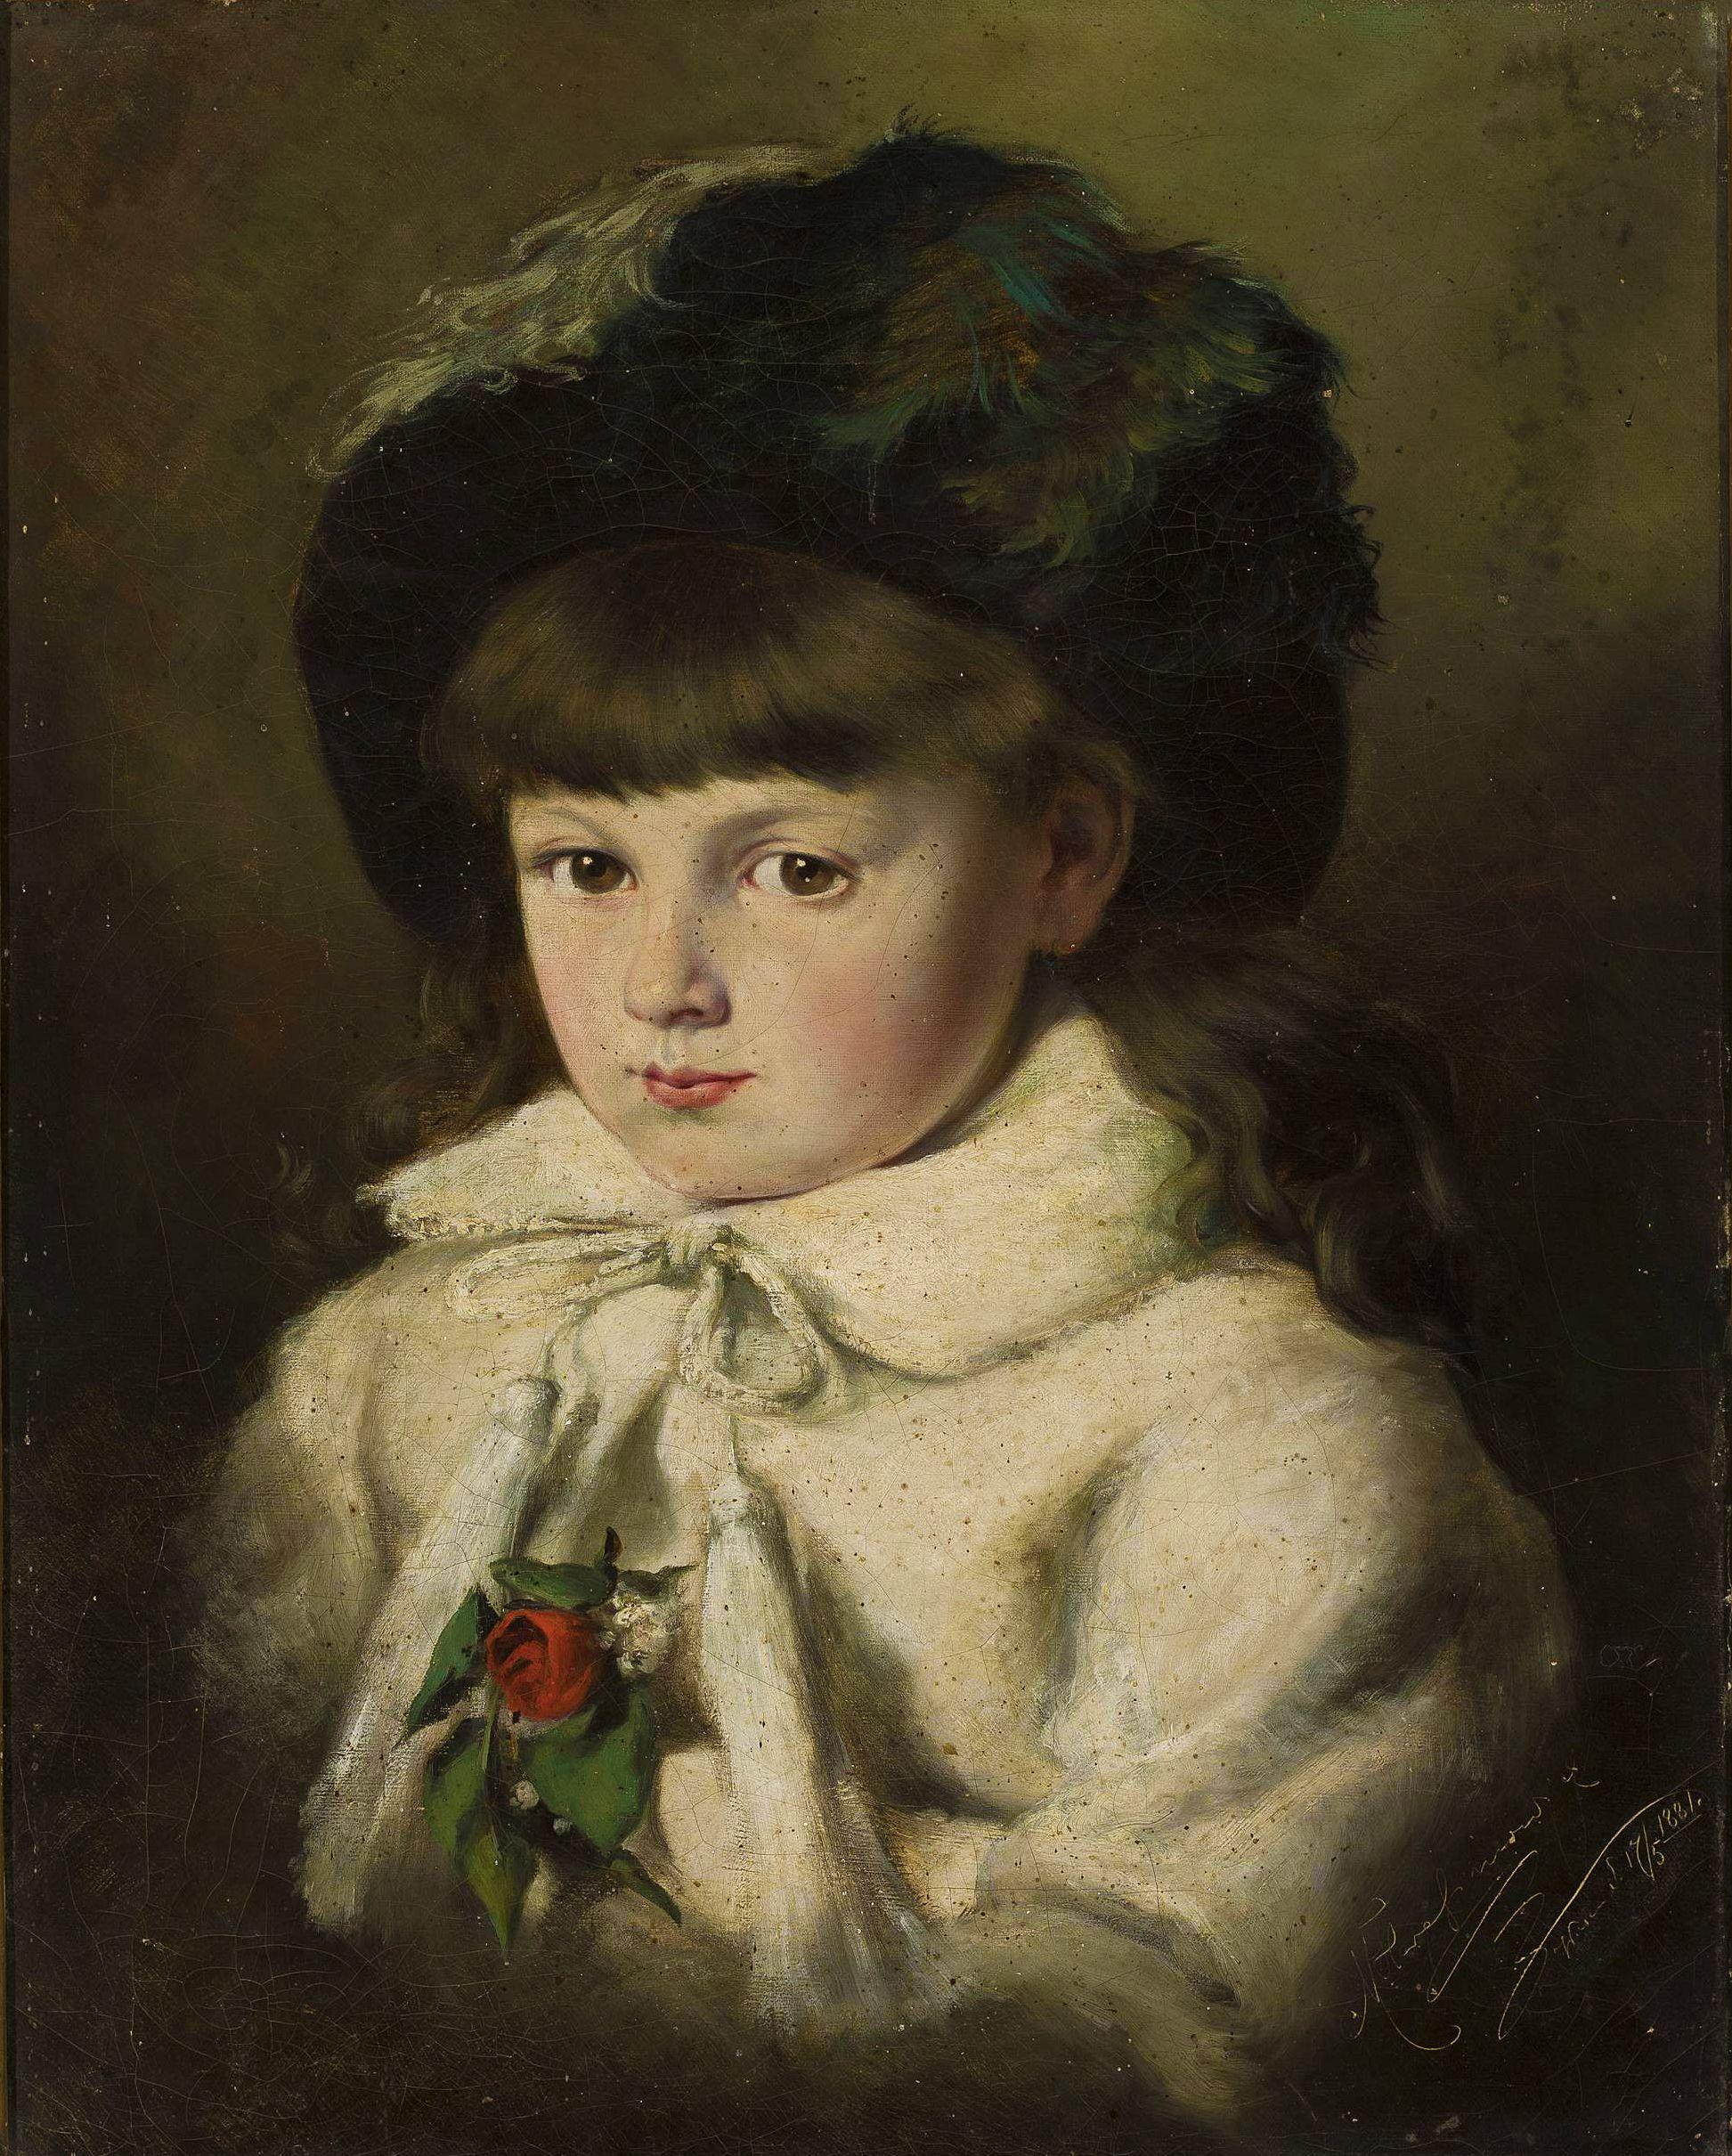 Марцелій Гарасимович. Портрет дівчинки, 1881; олія на полотні, 53х42 см; NMW